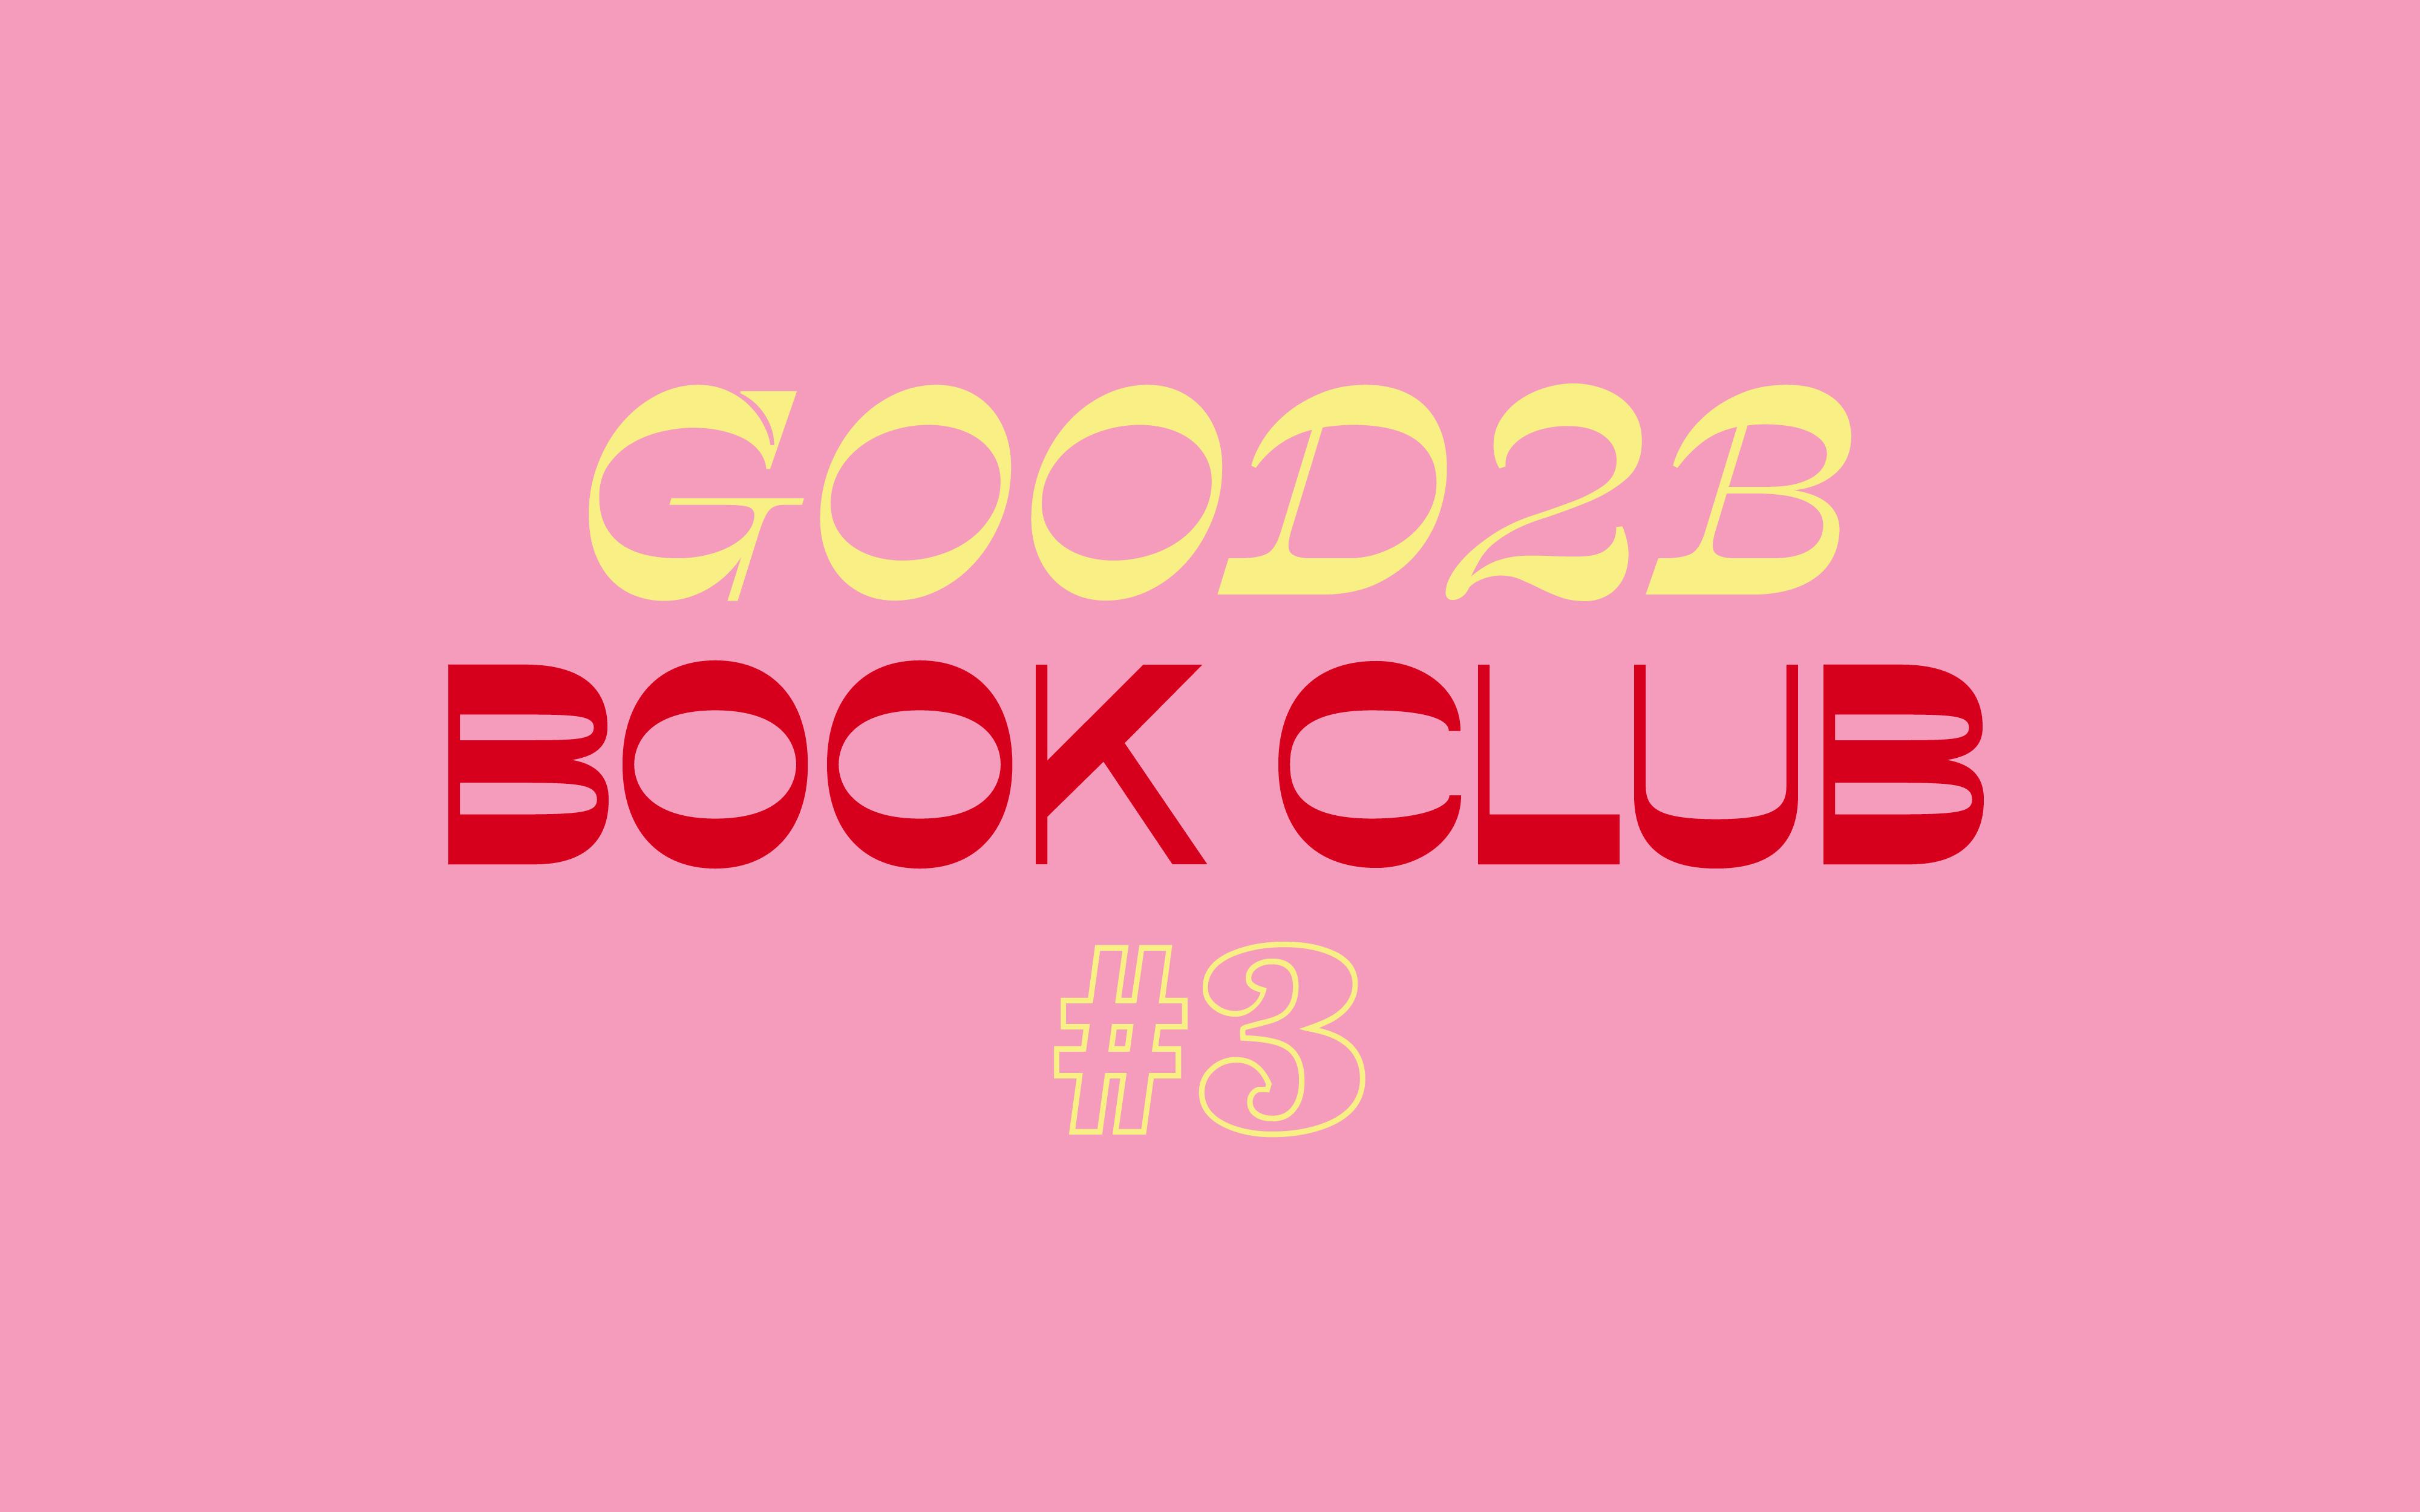 Good2b Book Club #3: 'Quién de nosotros', de Mario Benedetti